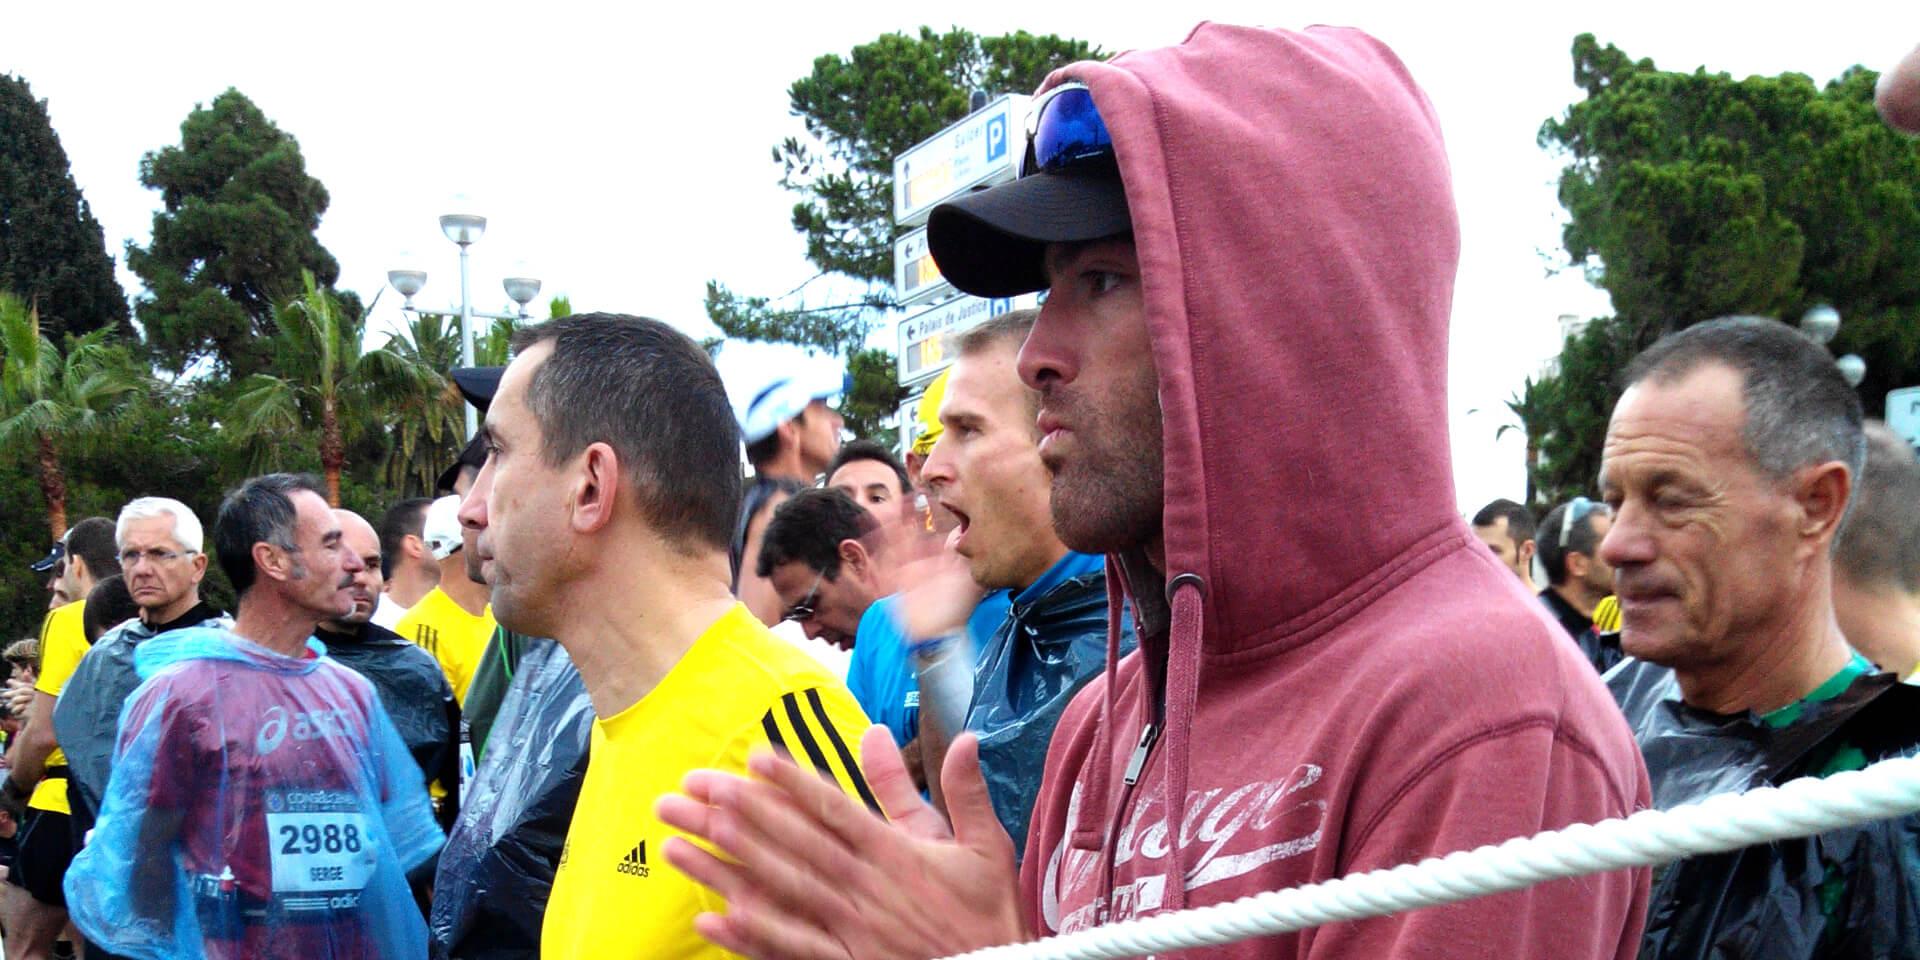 Coureurs au départ du marathon Nice-Cannes, France.